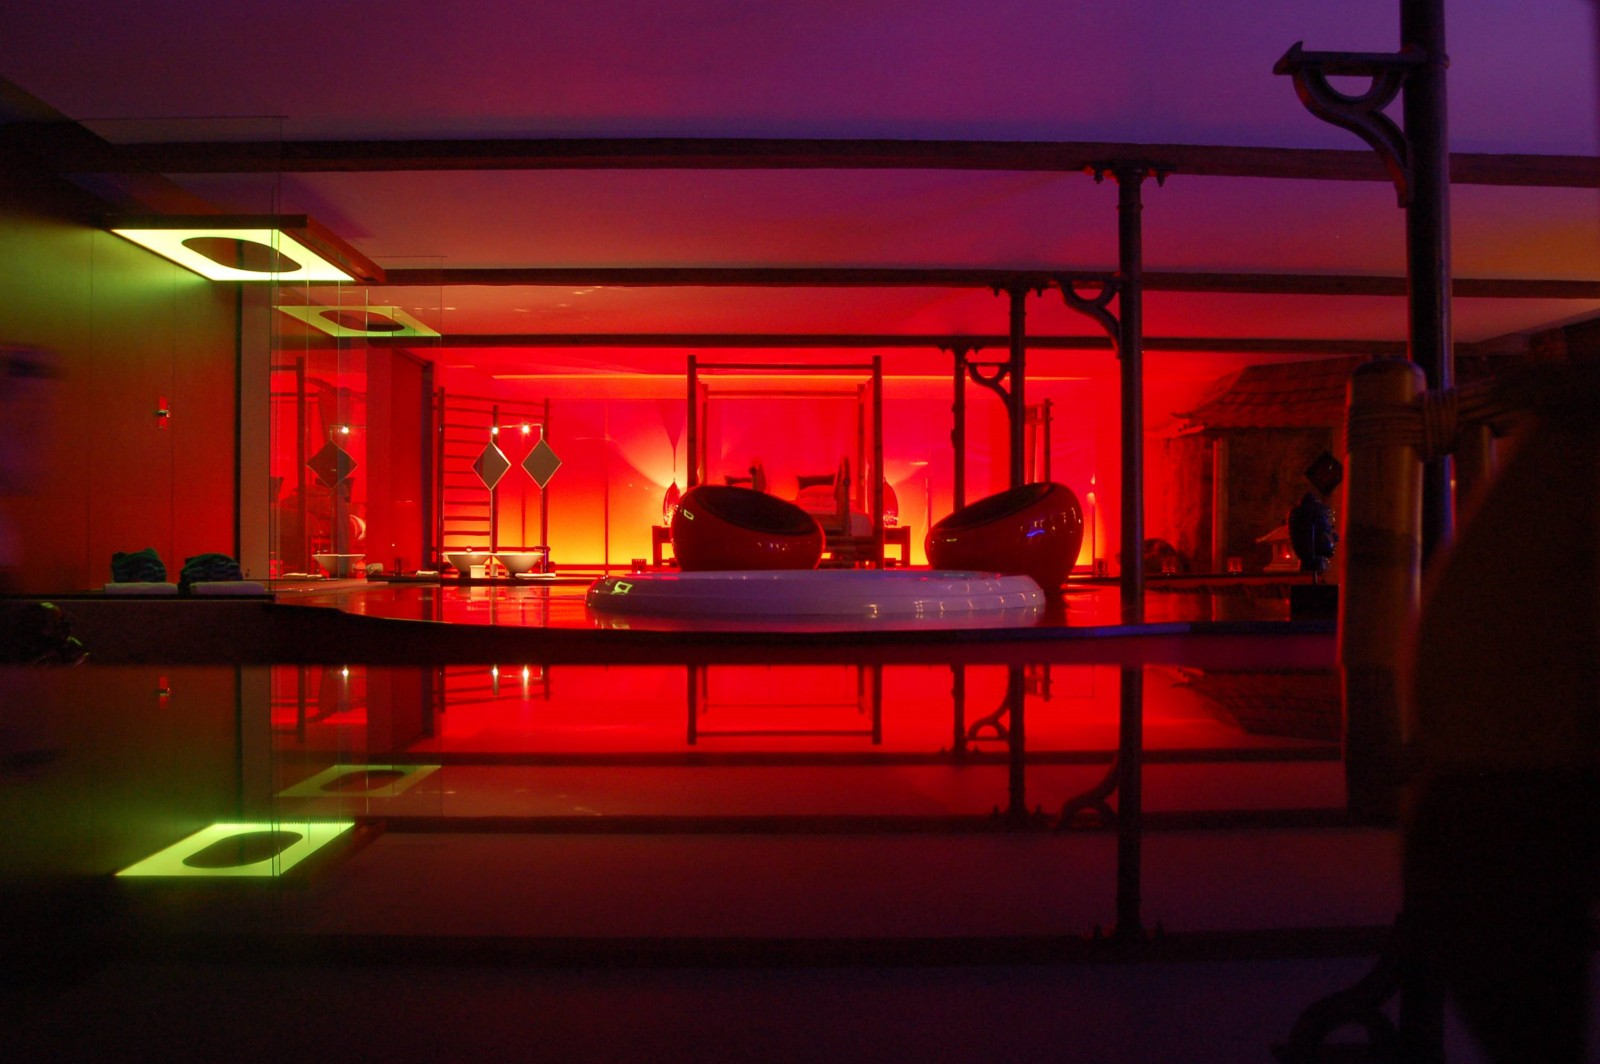 Le loft baiser de shogun chambre avec jacuzzi et sauna for Chambre de luxe avec jacuzzi belgique